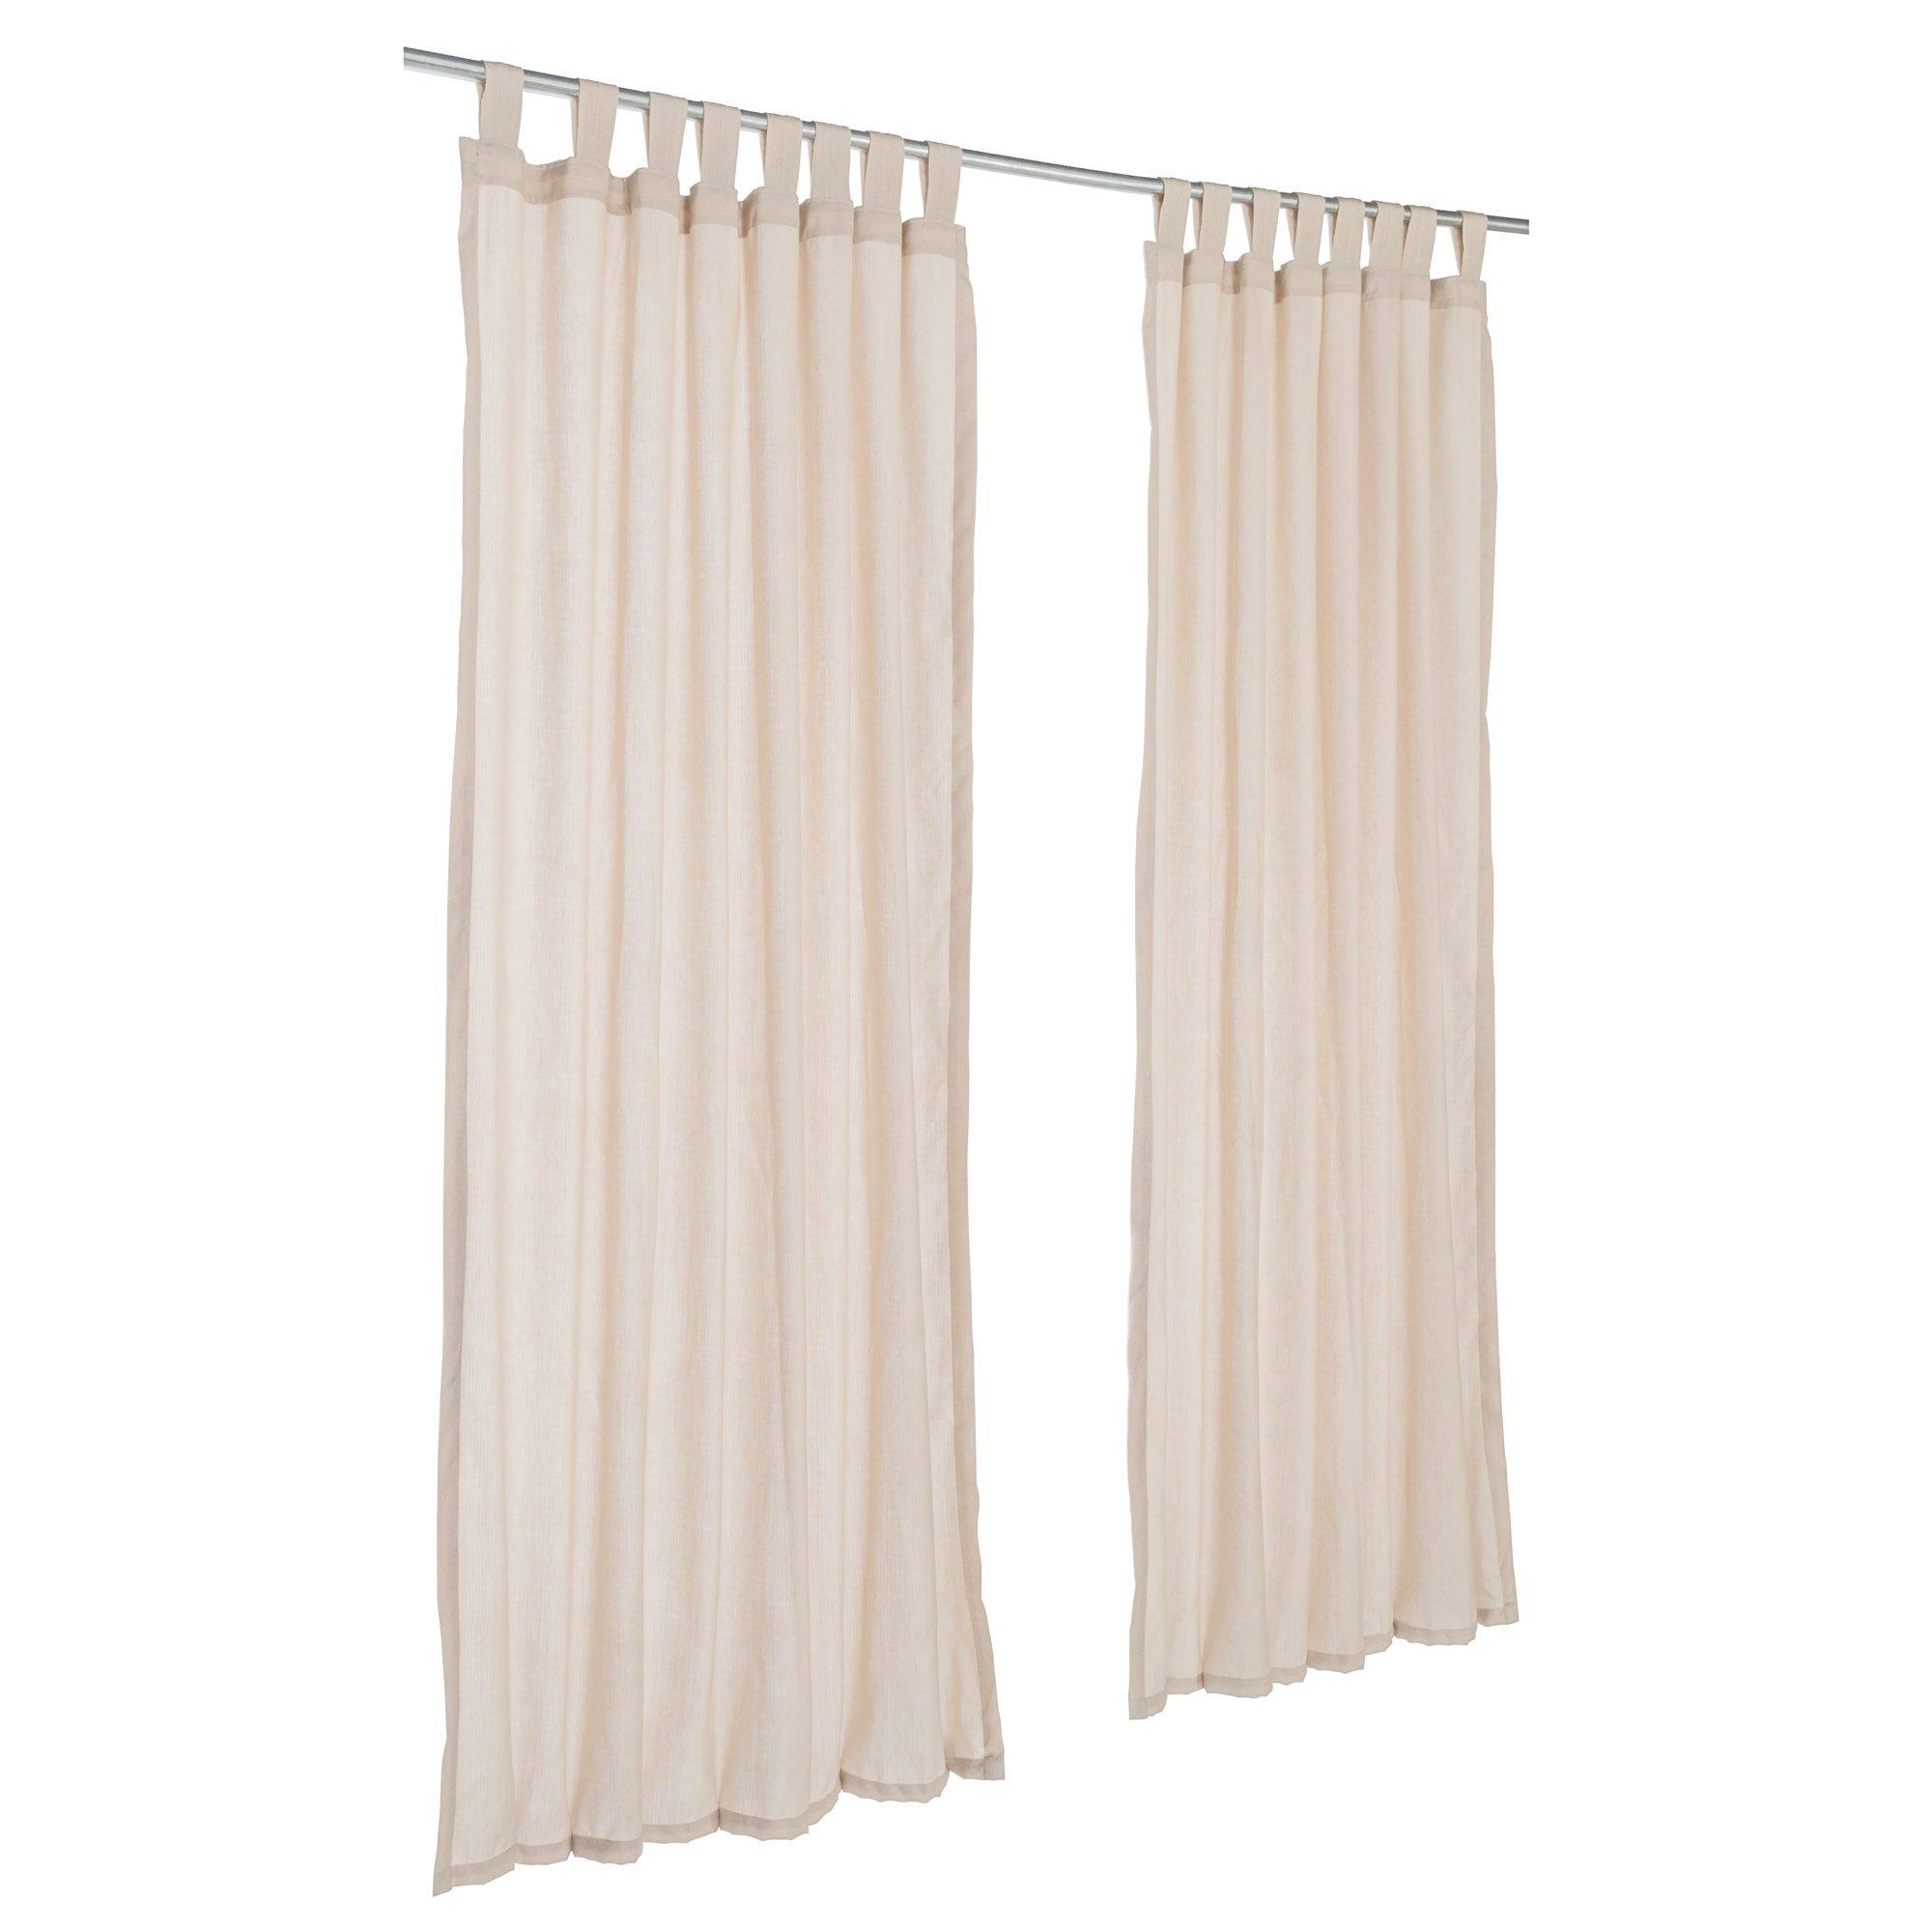 Pawleys Island Sunbrella Outdoor Gazebo Tabbed Sheer Curtain Panel Shadow Wren 50'' x 96''